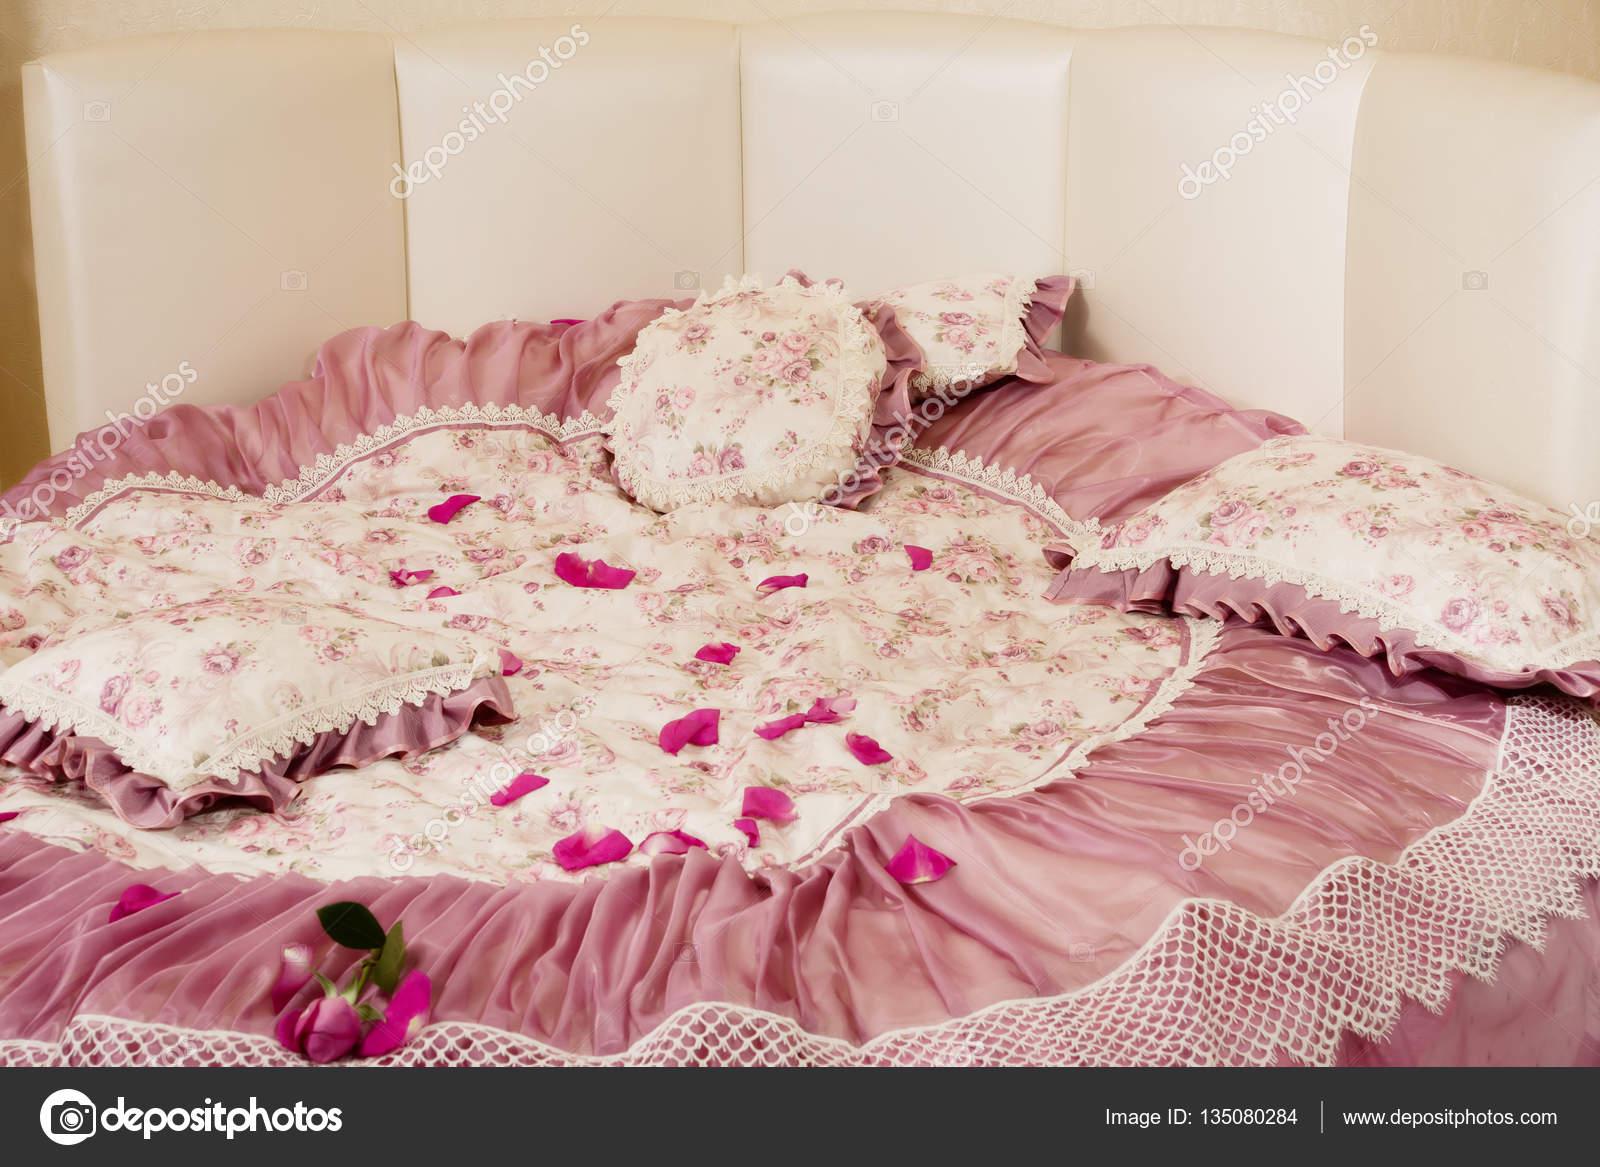 Mooie slaapkamer met een ronde bed — Stockfoto © Demian #135080284